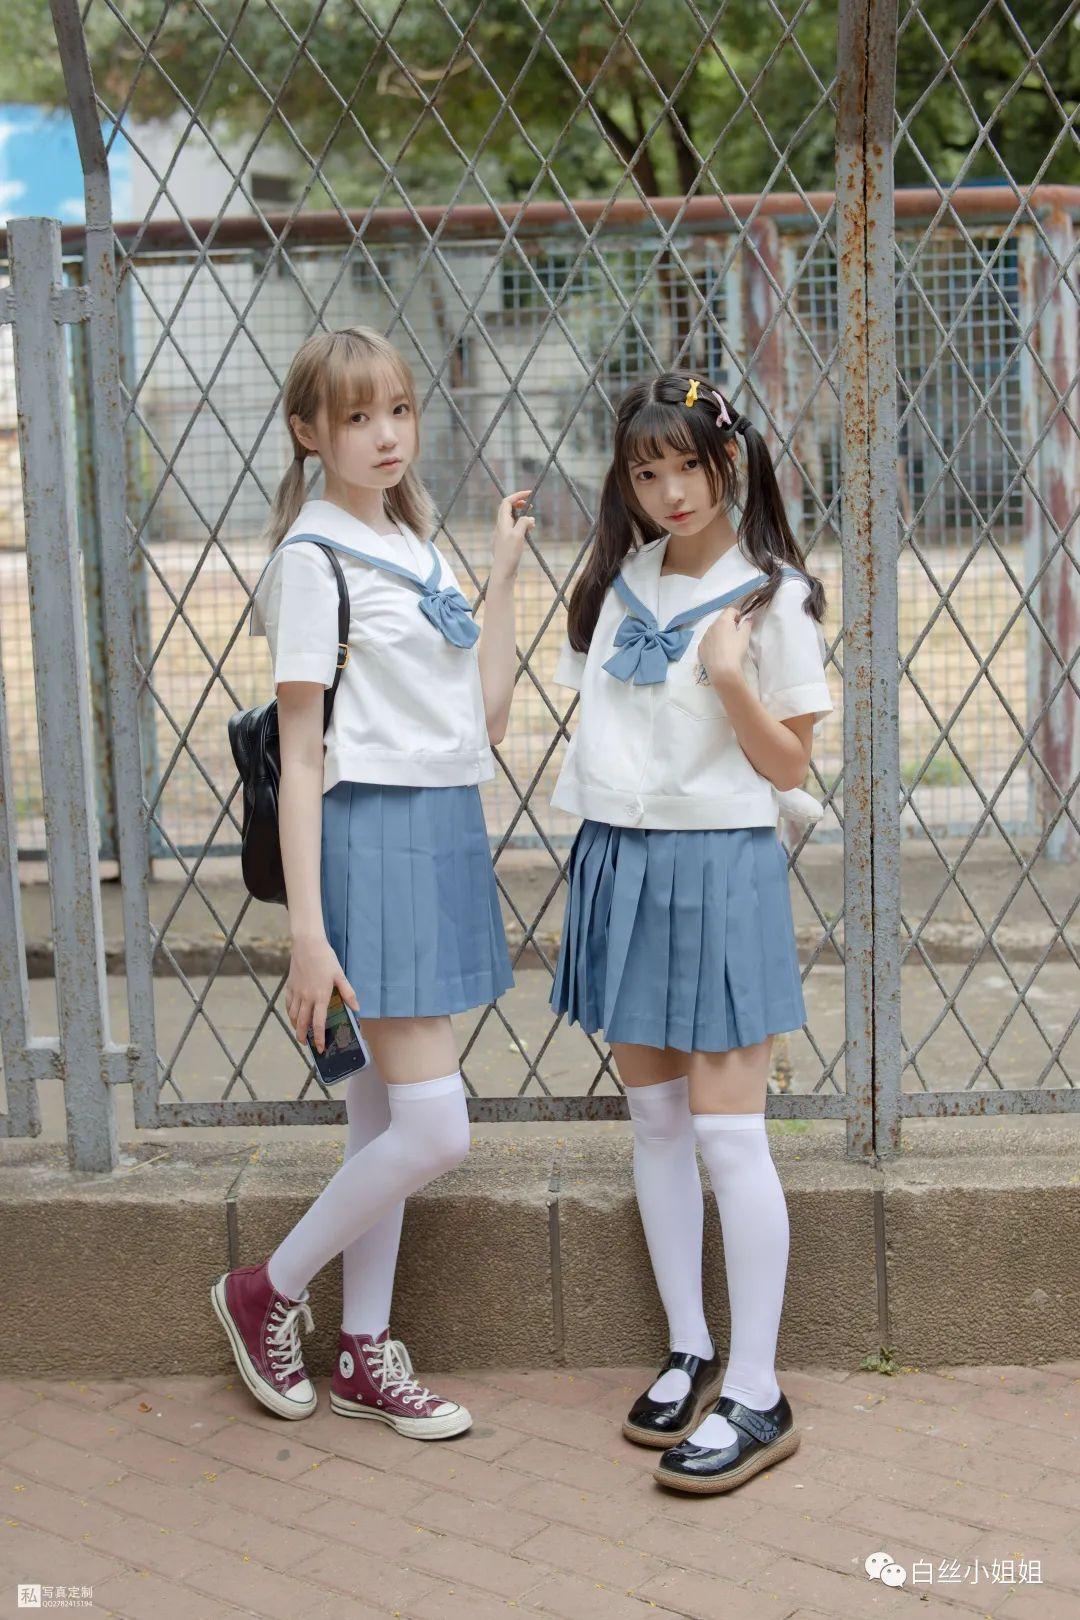 妹子摄影 – 白丝袜JK制服萝莉成对出现,双倍快乐!_图片 No.1